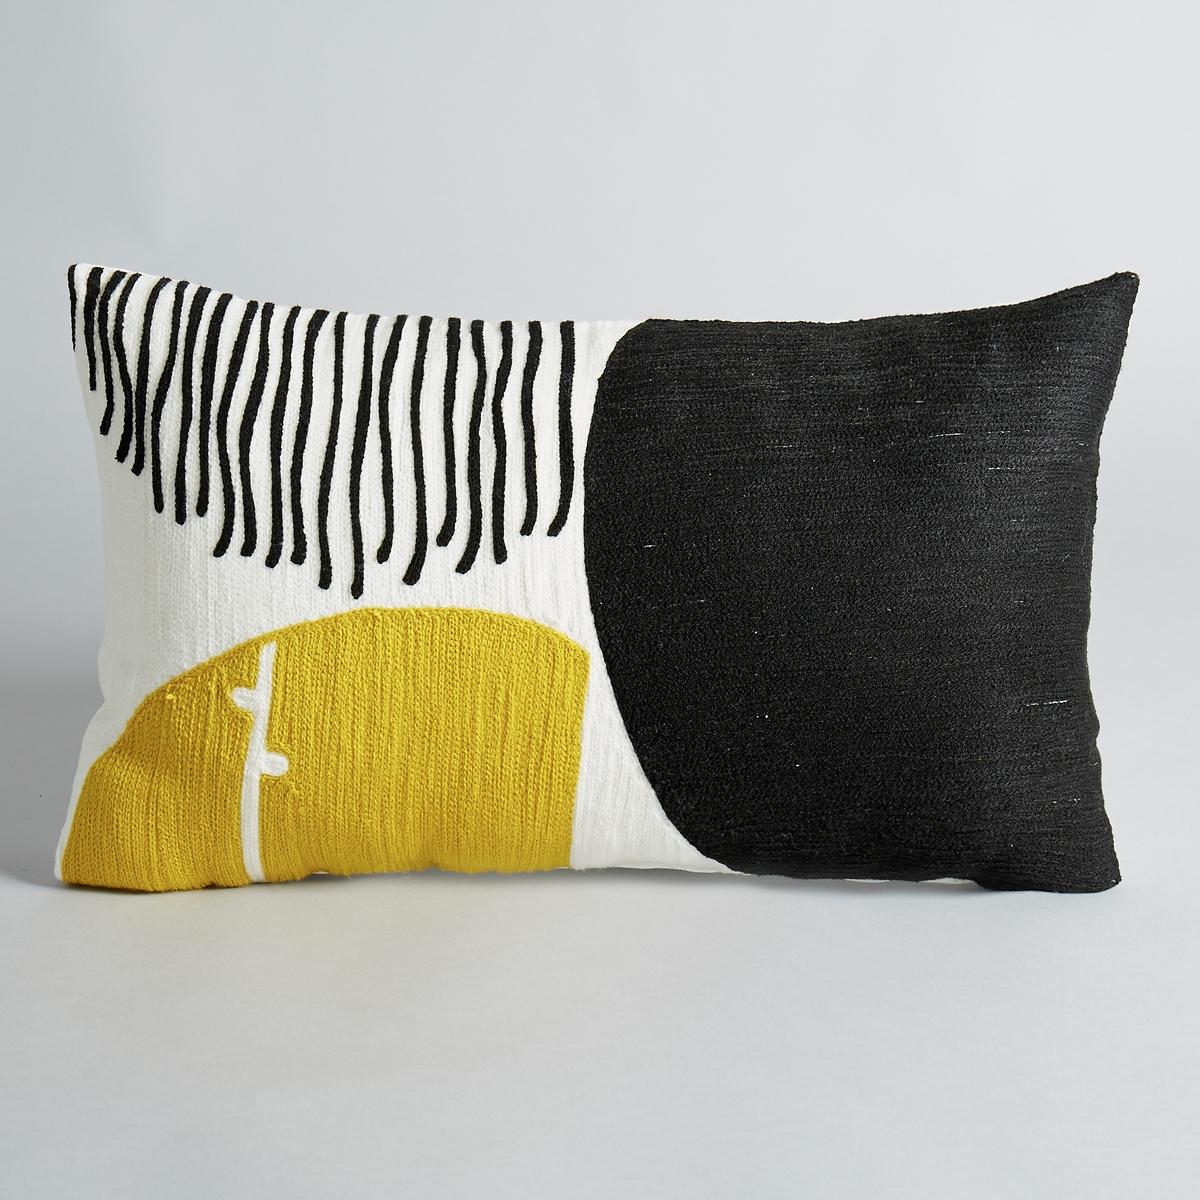 Чехол на подушку с вышивкой  Mihn?aРисунок в горох. С вышивкой по всей поверхности. 100 % хлопка.Рисунок в чёрно-жёлтый горох.Размеры:. 50 x 30 см.<br><br>Цвет: желтый/черный<br>Размер: 50 x 30 см